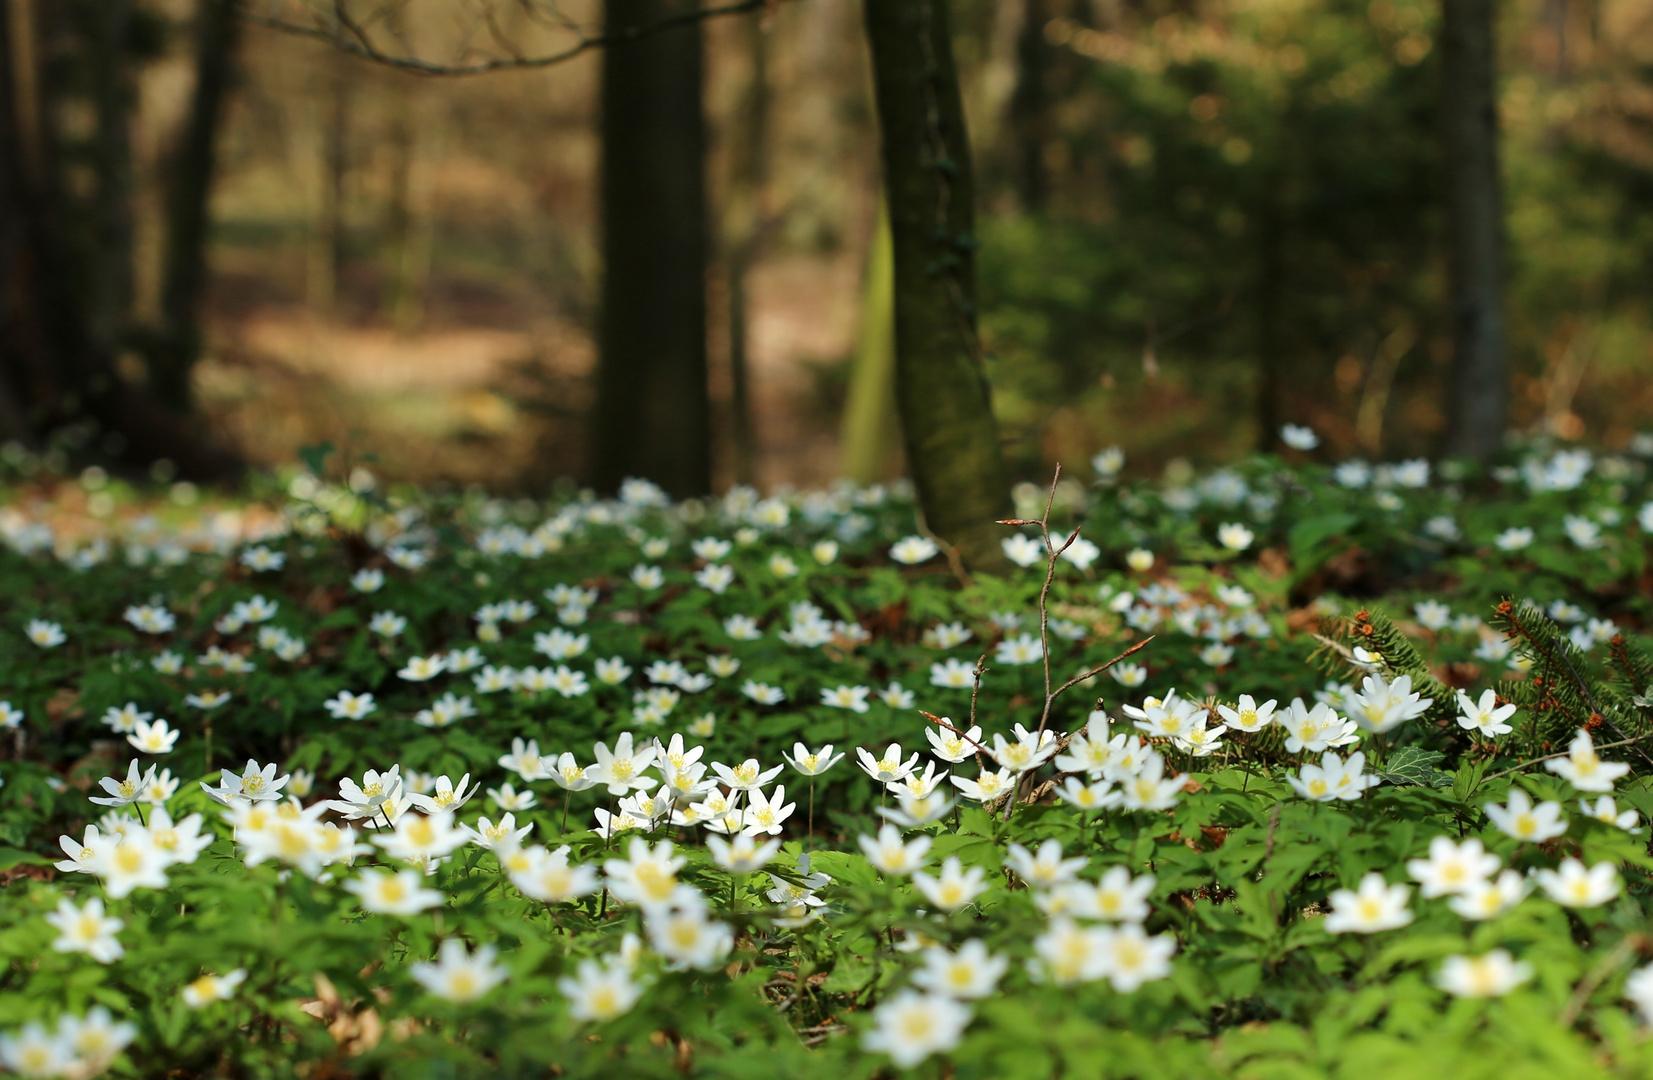 wald boden im fr hling foto bild pflanzen pilze flechten natur bilder auf fotocommunity